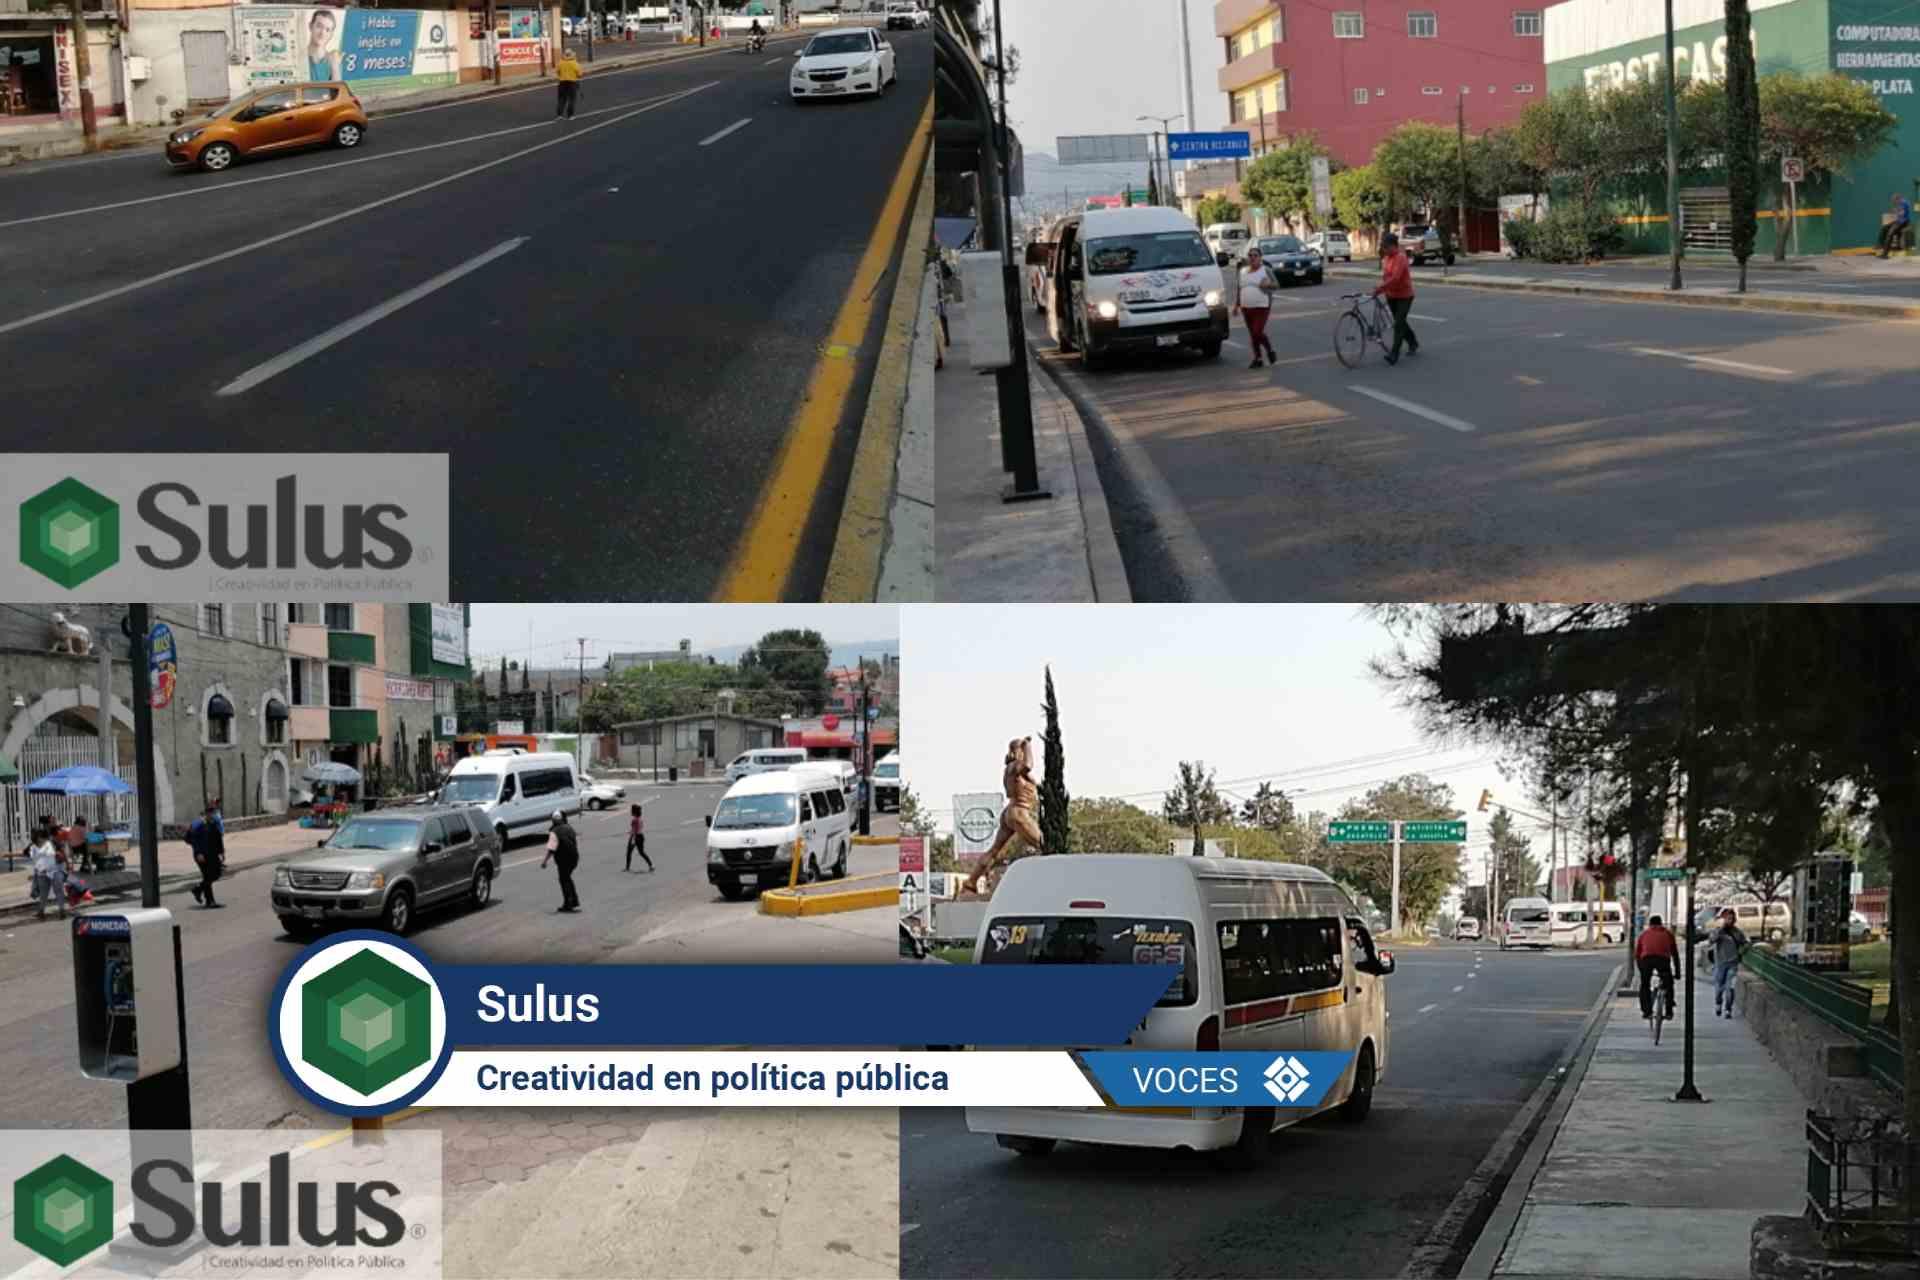 movilidad urbana-Tlaxcala-Sulus-Creatividad en Políticas Públicas